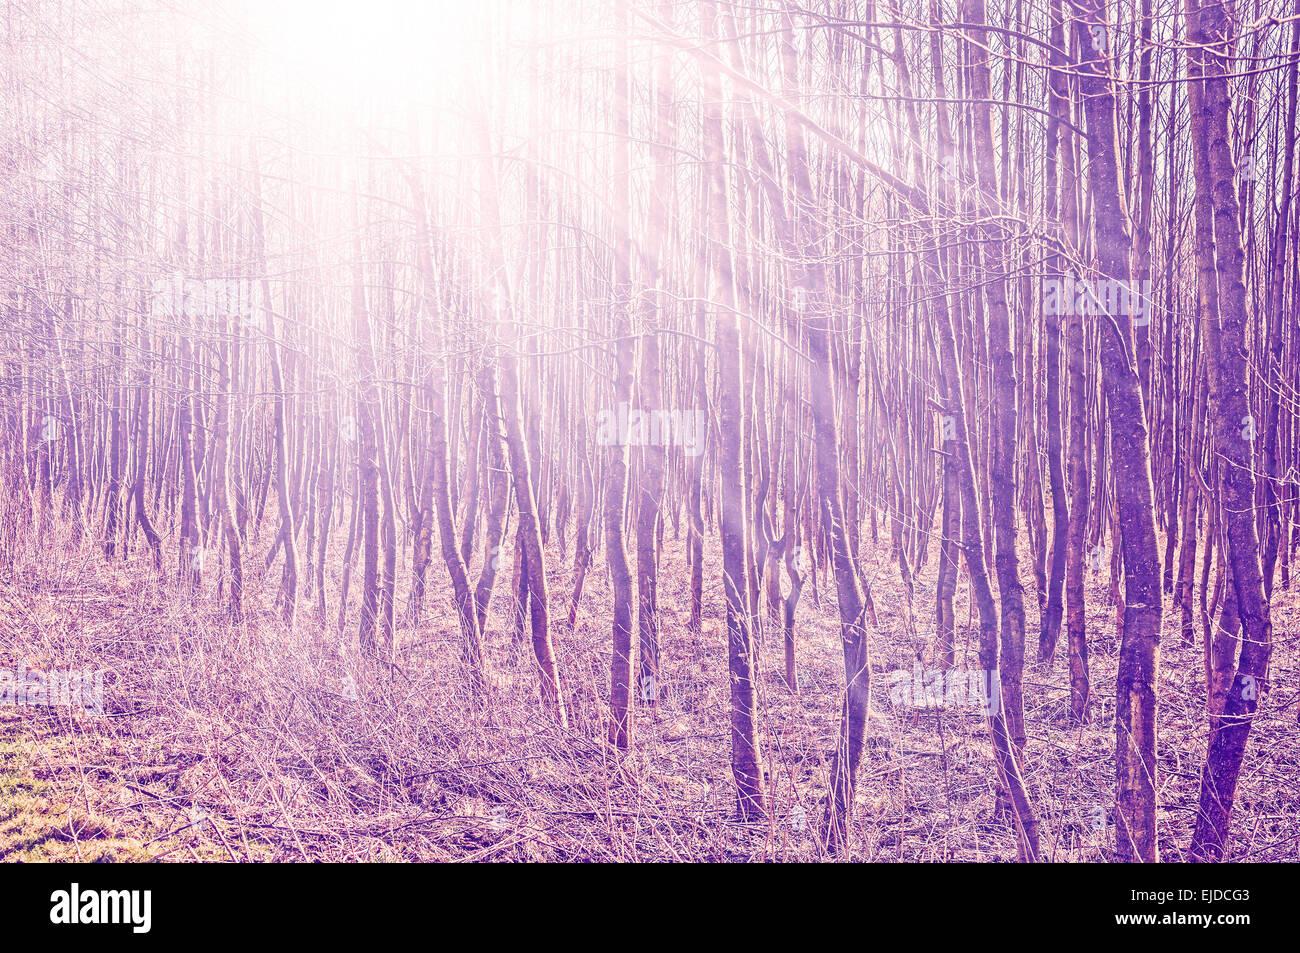 Vintage photo filtrée d'arbres avec des rayons de soleil. Photo Stock